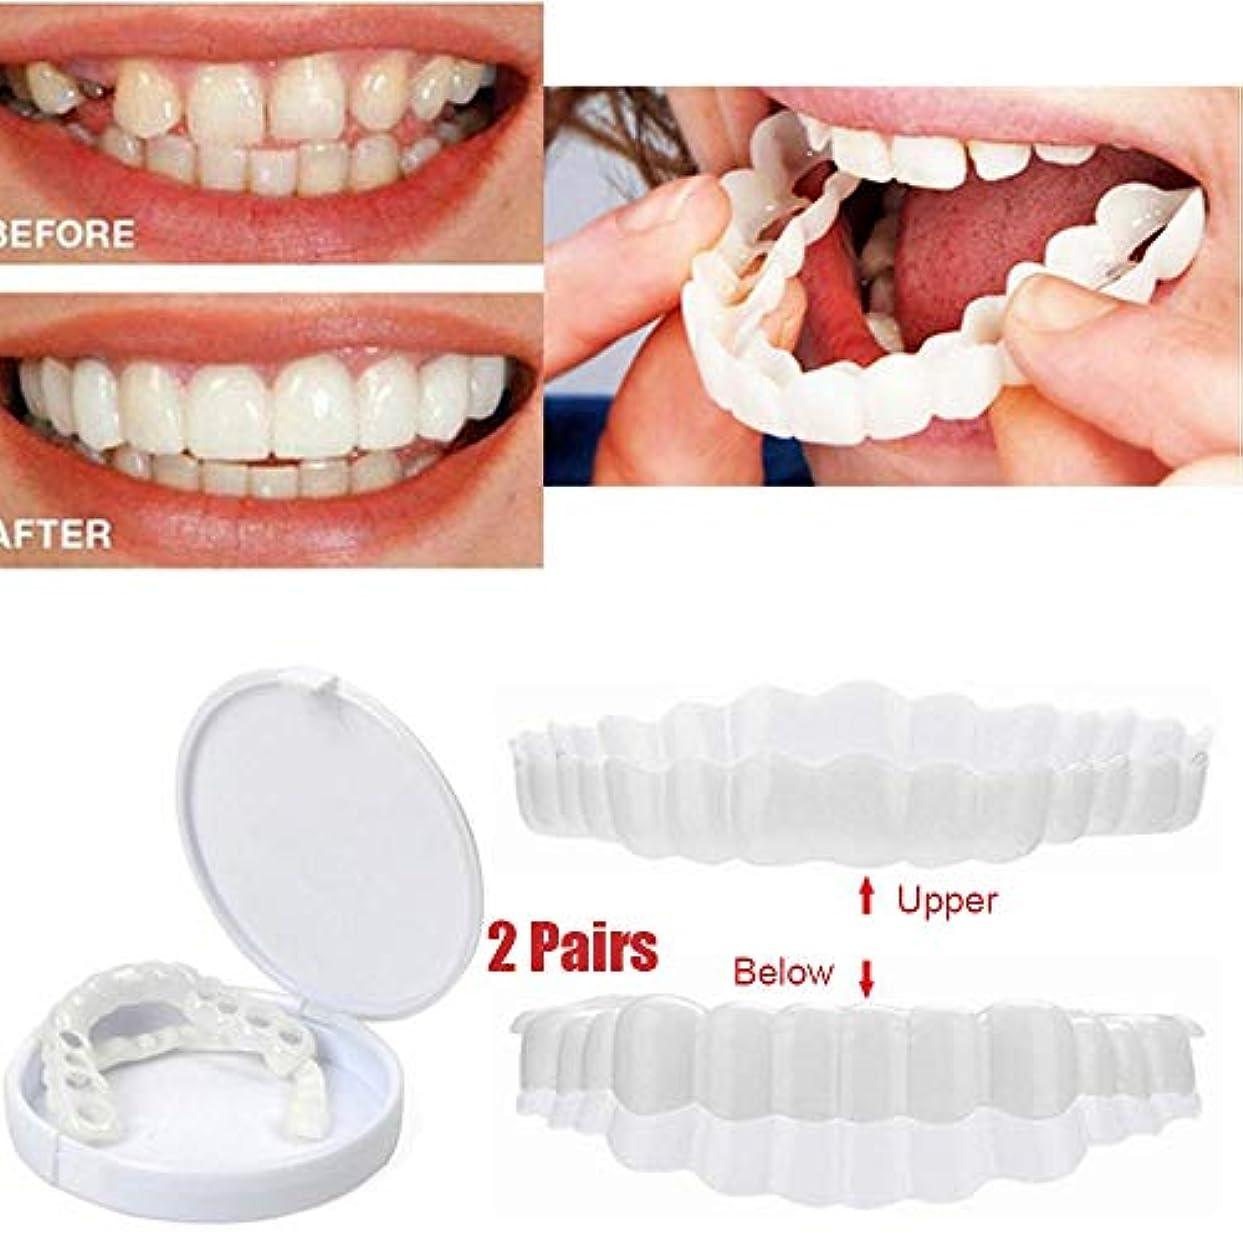 めまいが練習インポート白くなるベニヤ歯美容メイクアップ歯快適で柔軟な歯のケアケア自信を持って笑顔黄色い歯悪い歯ホワイトニングオーラルケア(2ペア)